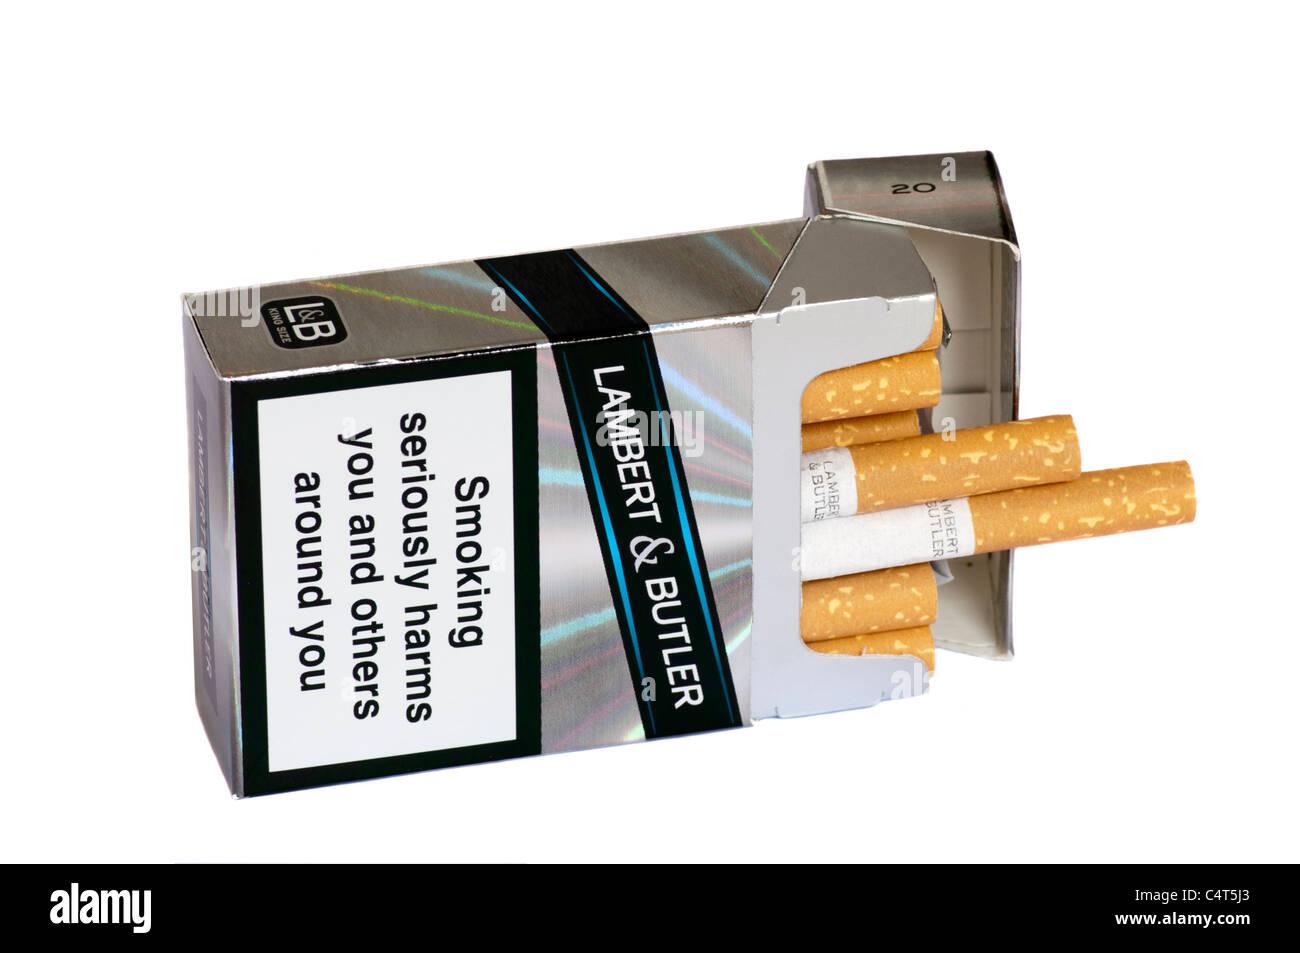 Buy Camel cigarettes Connecticut